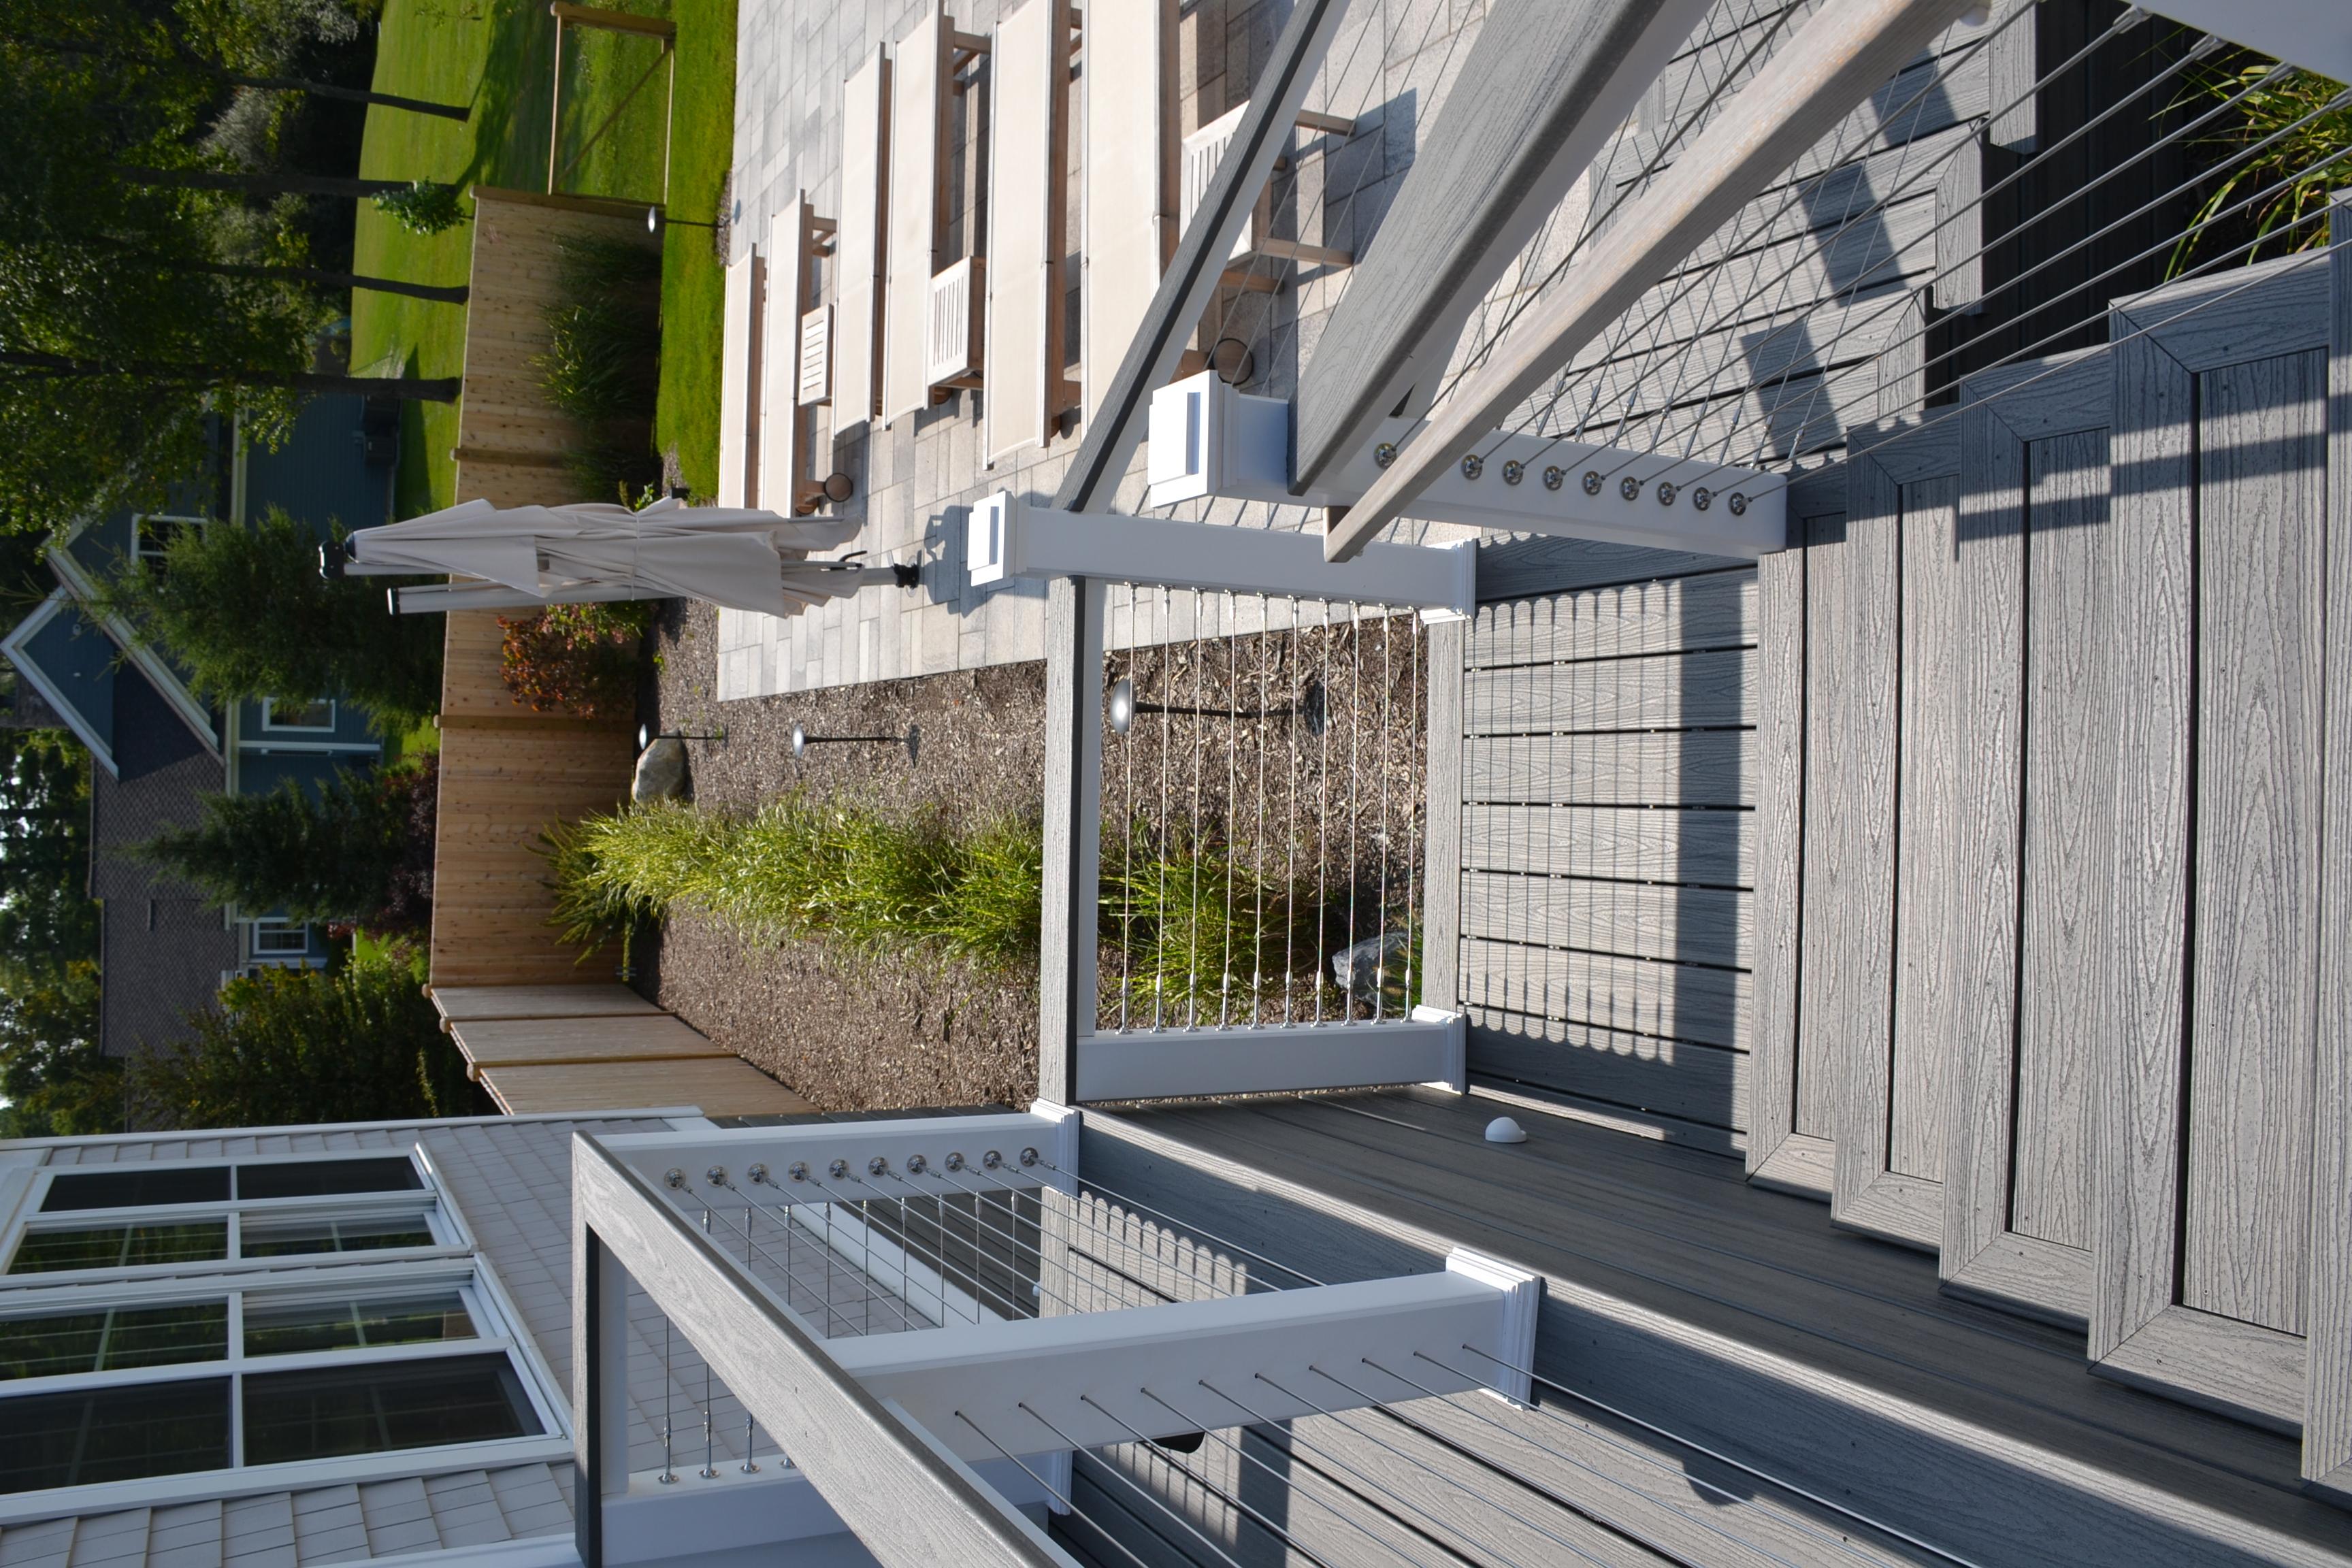 Stockbridge deck backyard after 5